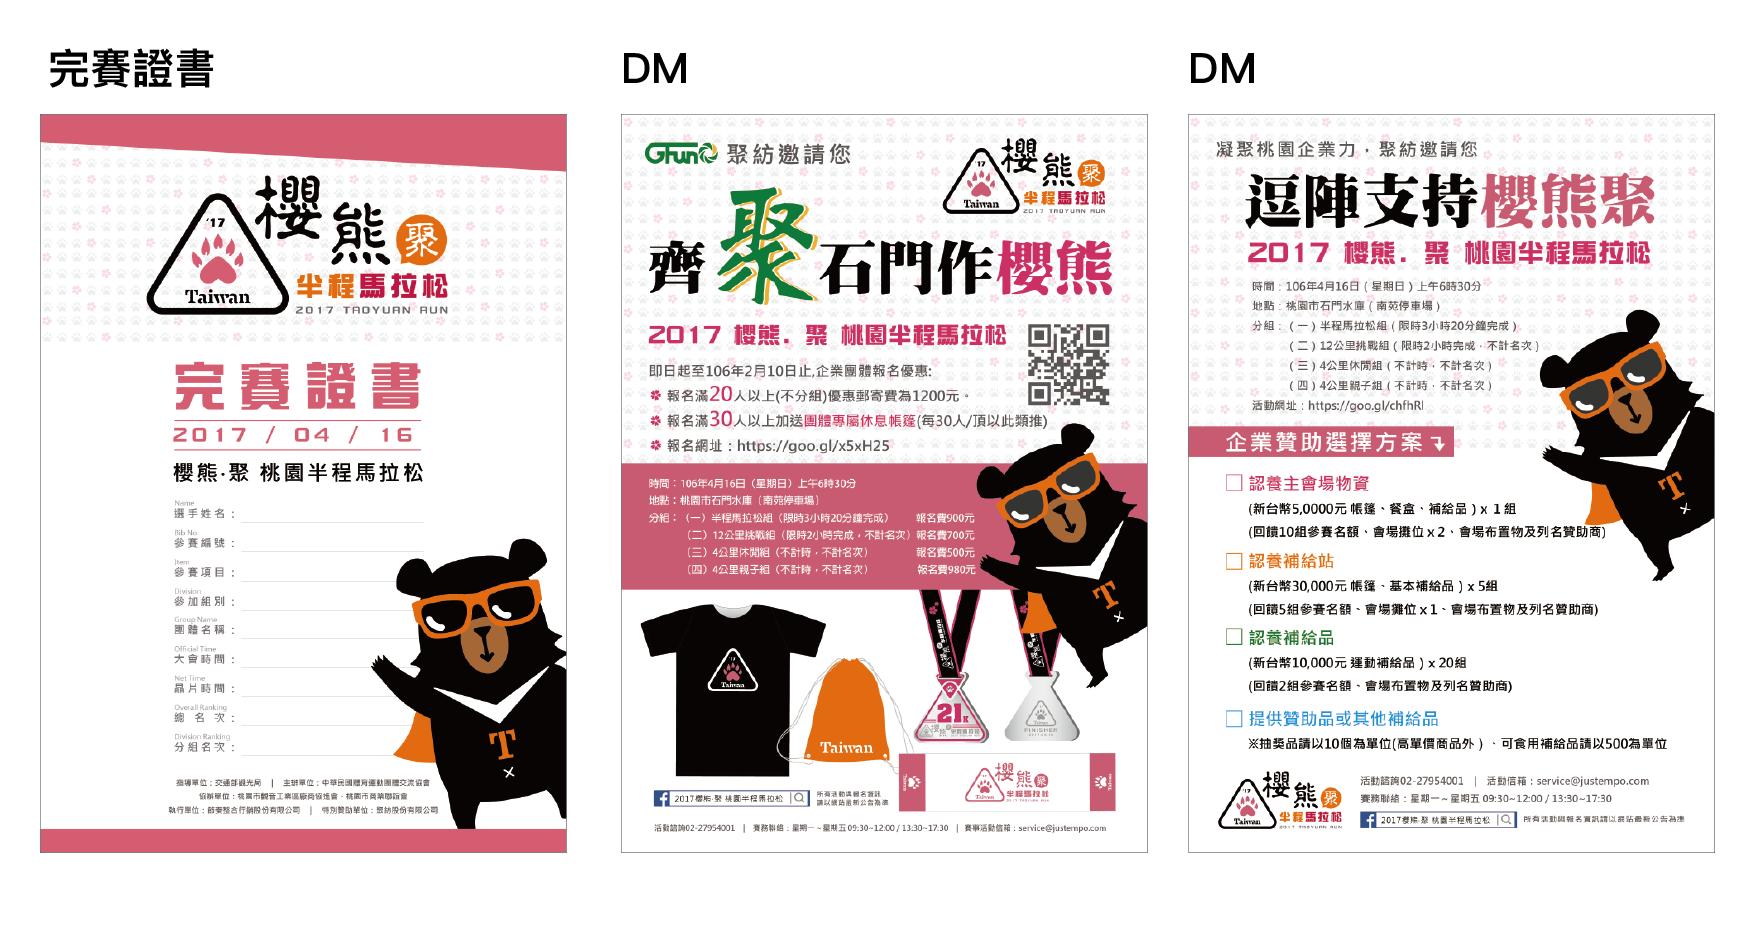 DM平面設計